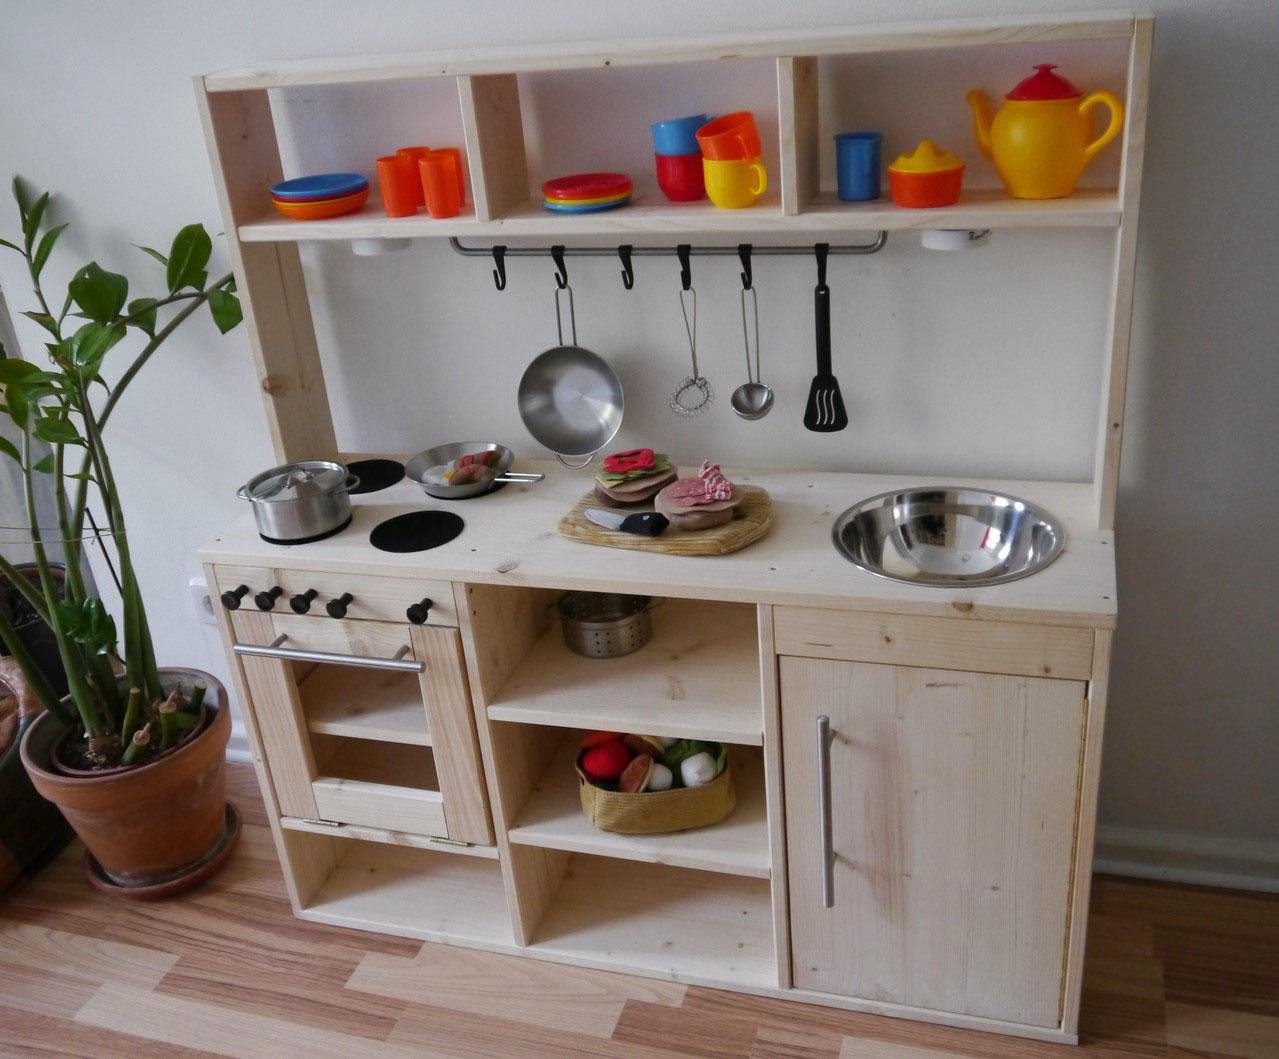 Kinderküche Diy diy kinderküche b kid berlin handgemachtes rund um baby und